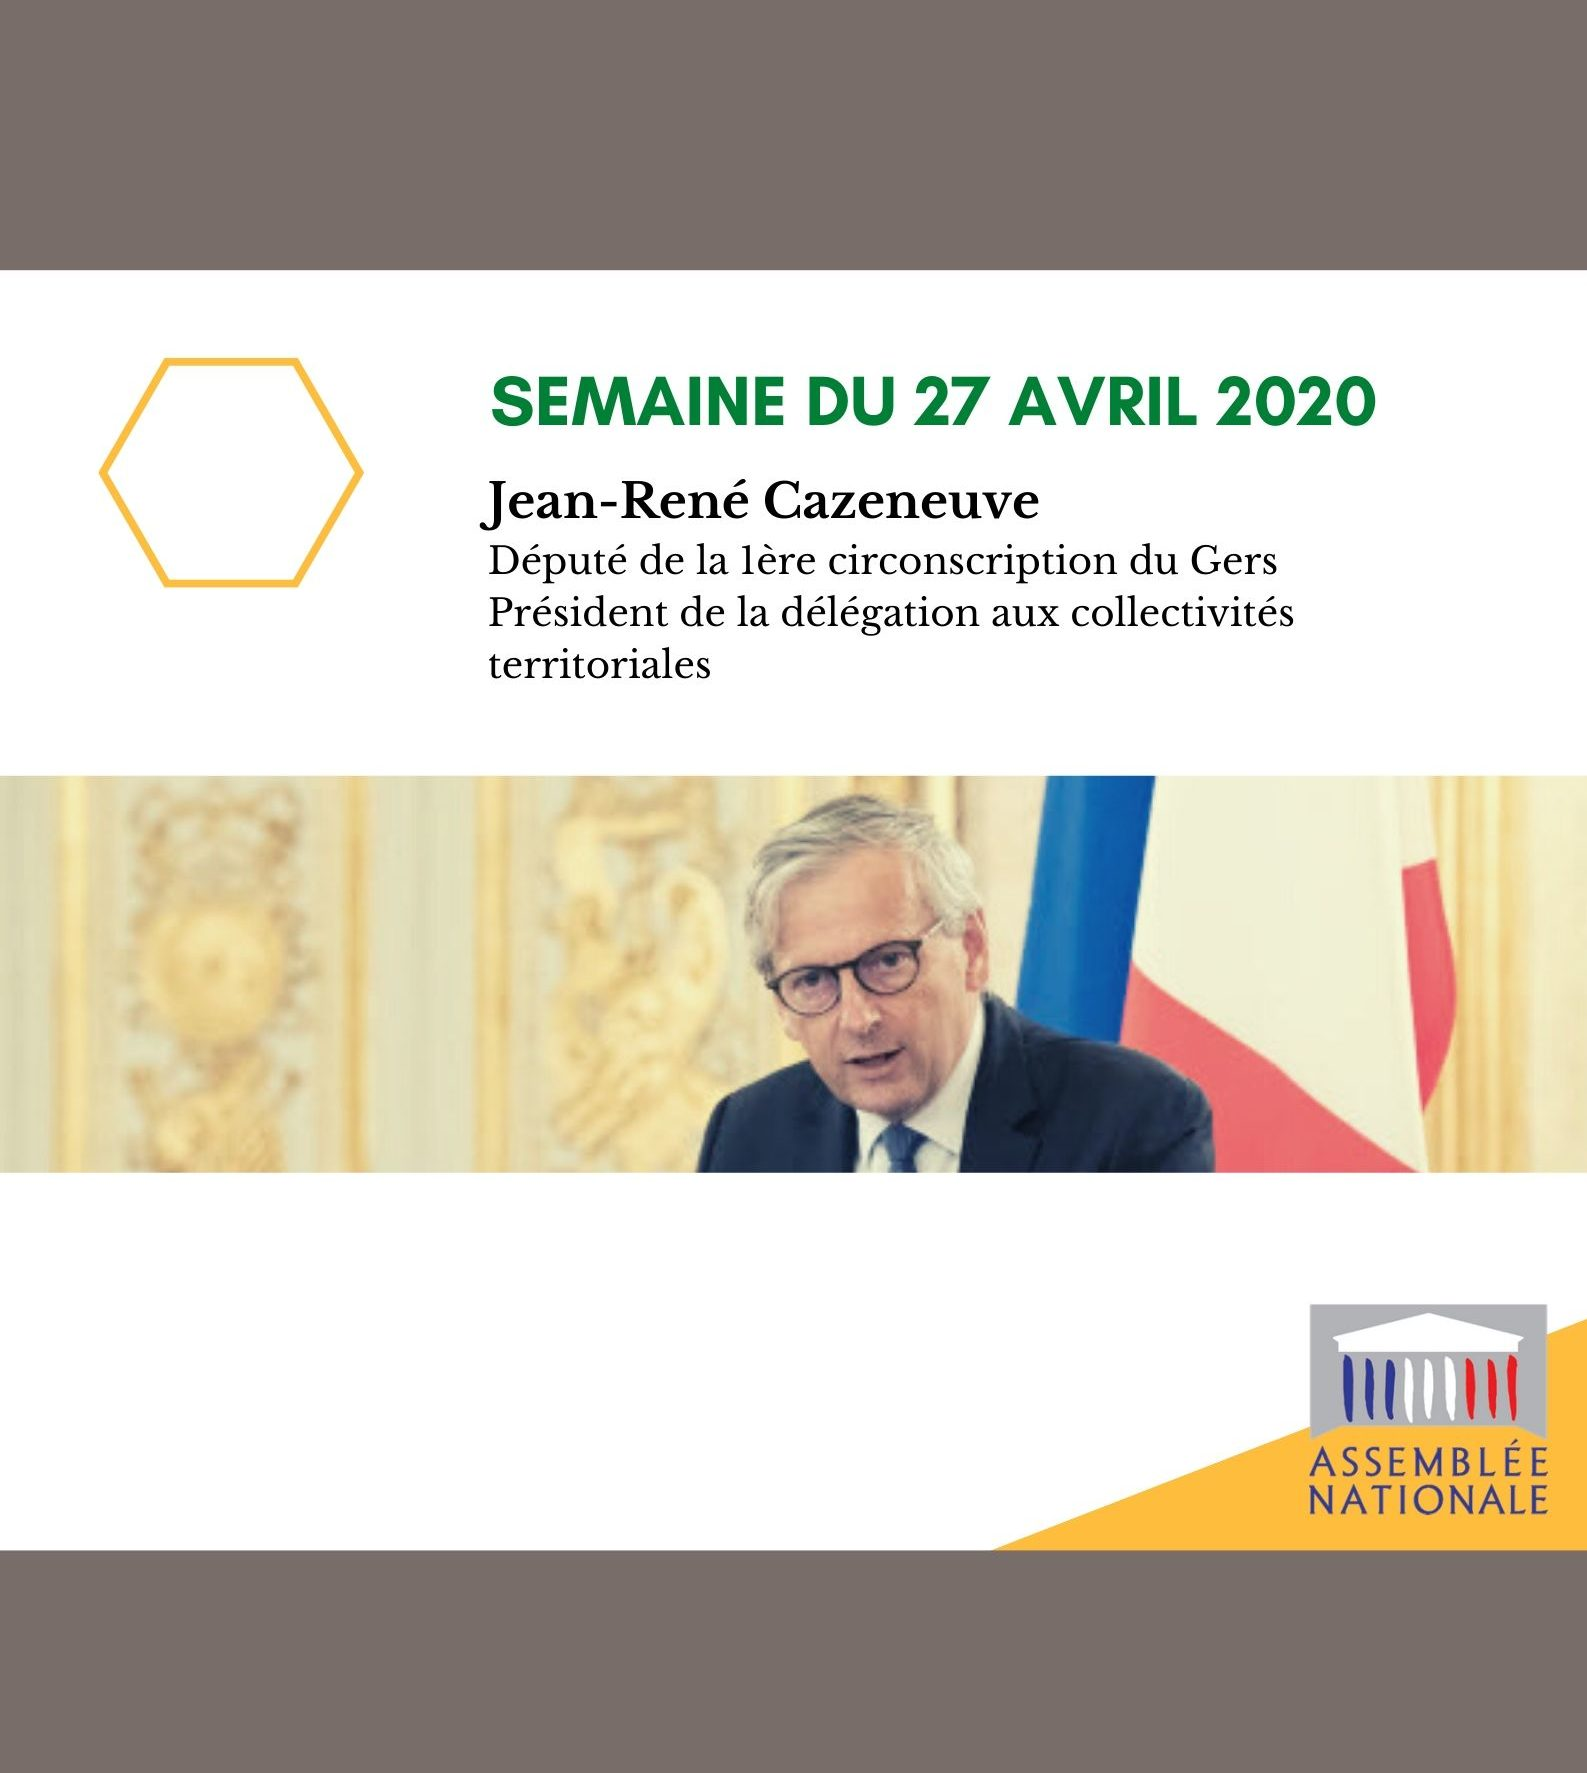 Semaine du 27 avril 2020